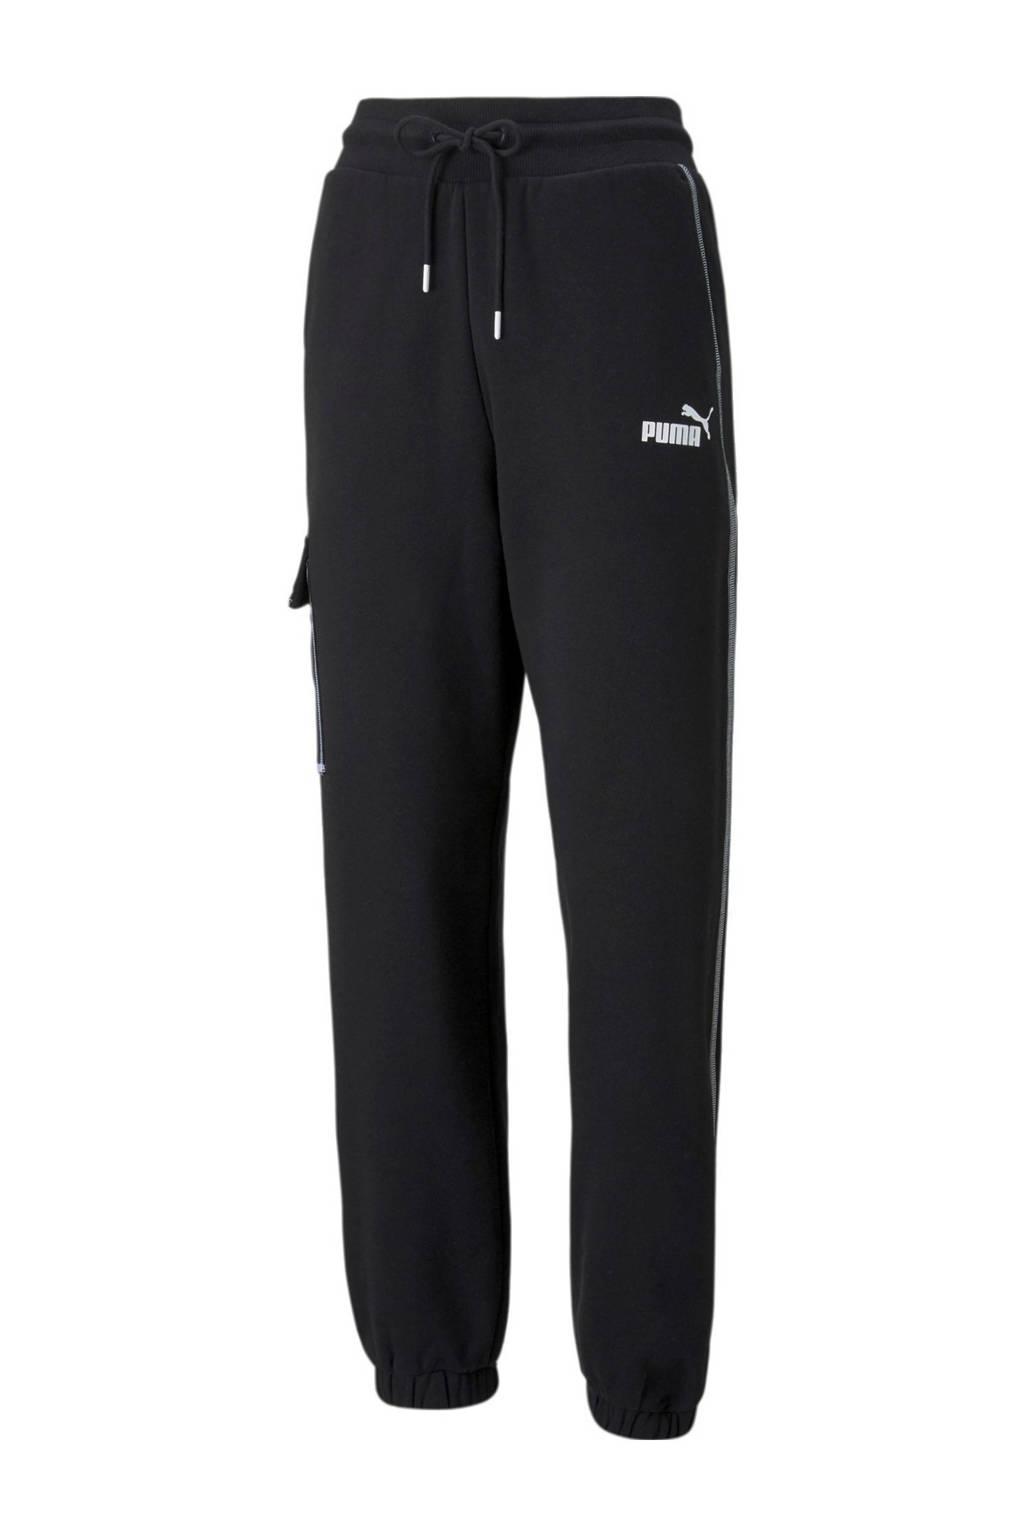 Puma regular fit broek zwart/wit, Zwart/wit